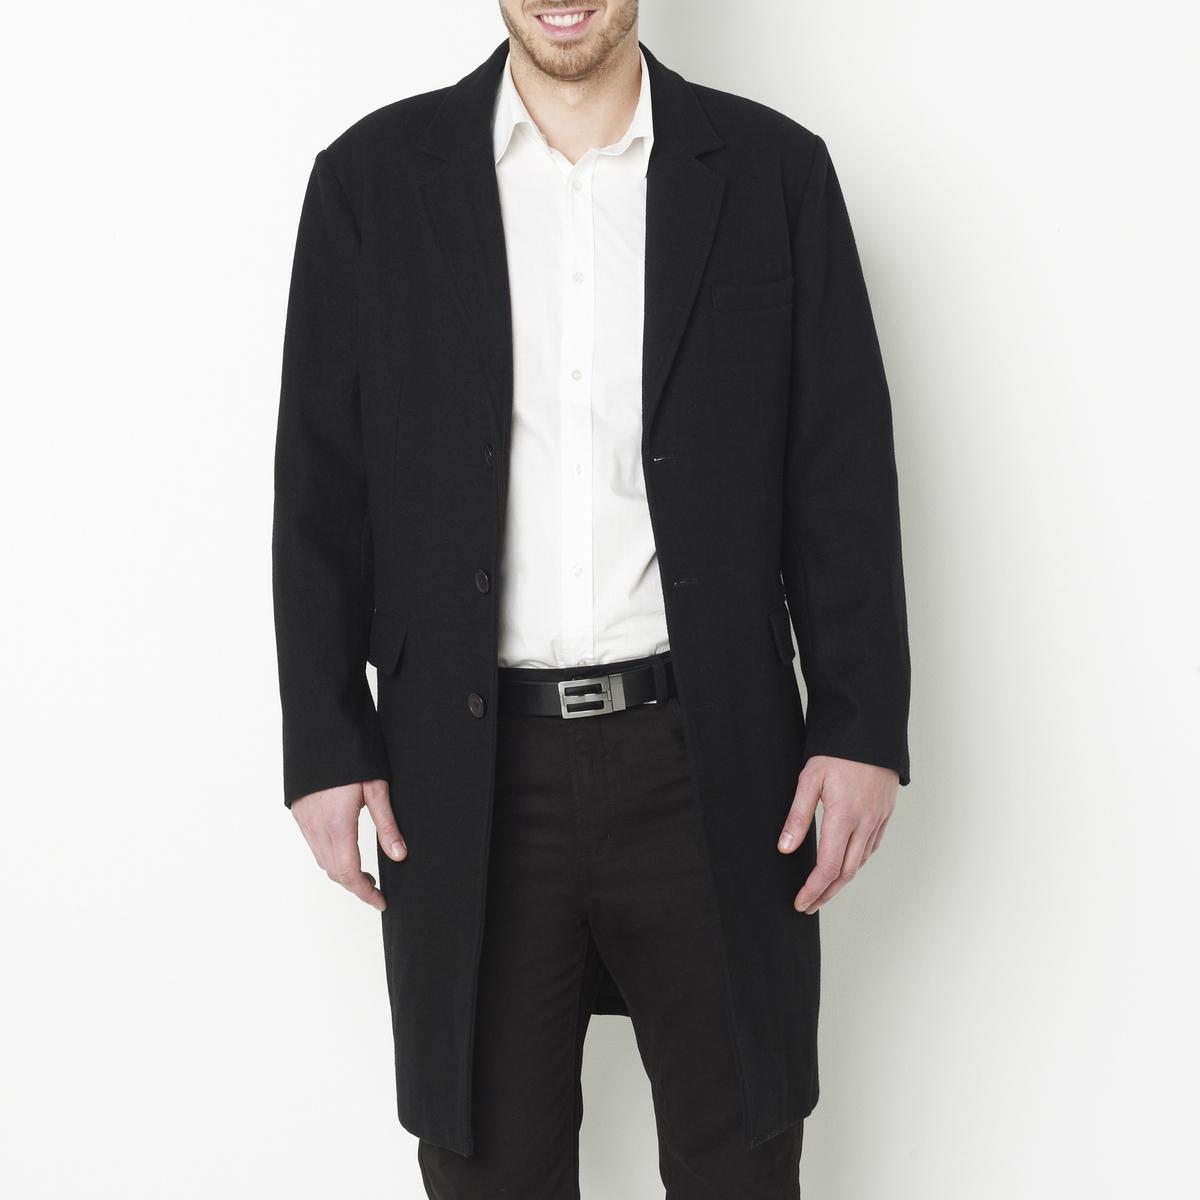 ПальтоПальто. 60% шерсти, 25% полиэстера, 10% других волокон, 5% акрила. Подкладка из полиэстера. Пиджачный воротник. Длина 105 см.Пальто. Застежка на пуговицы. 2 кармана с клапанами на пуговицах спереди, 2 внутренних кармана . Пуговицы внизу рукавов . Высокий воротник на молнии. 1 шлица посередине спинки .<br><br>Цвет: черный<br>Размер: 66